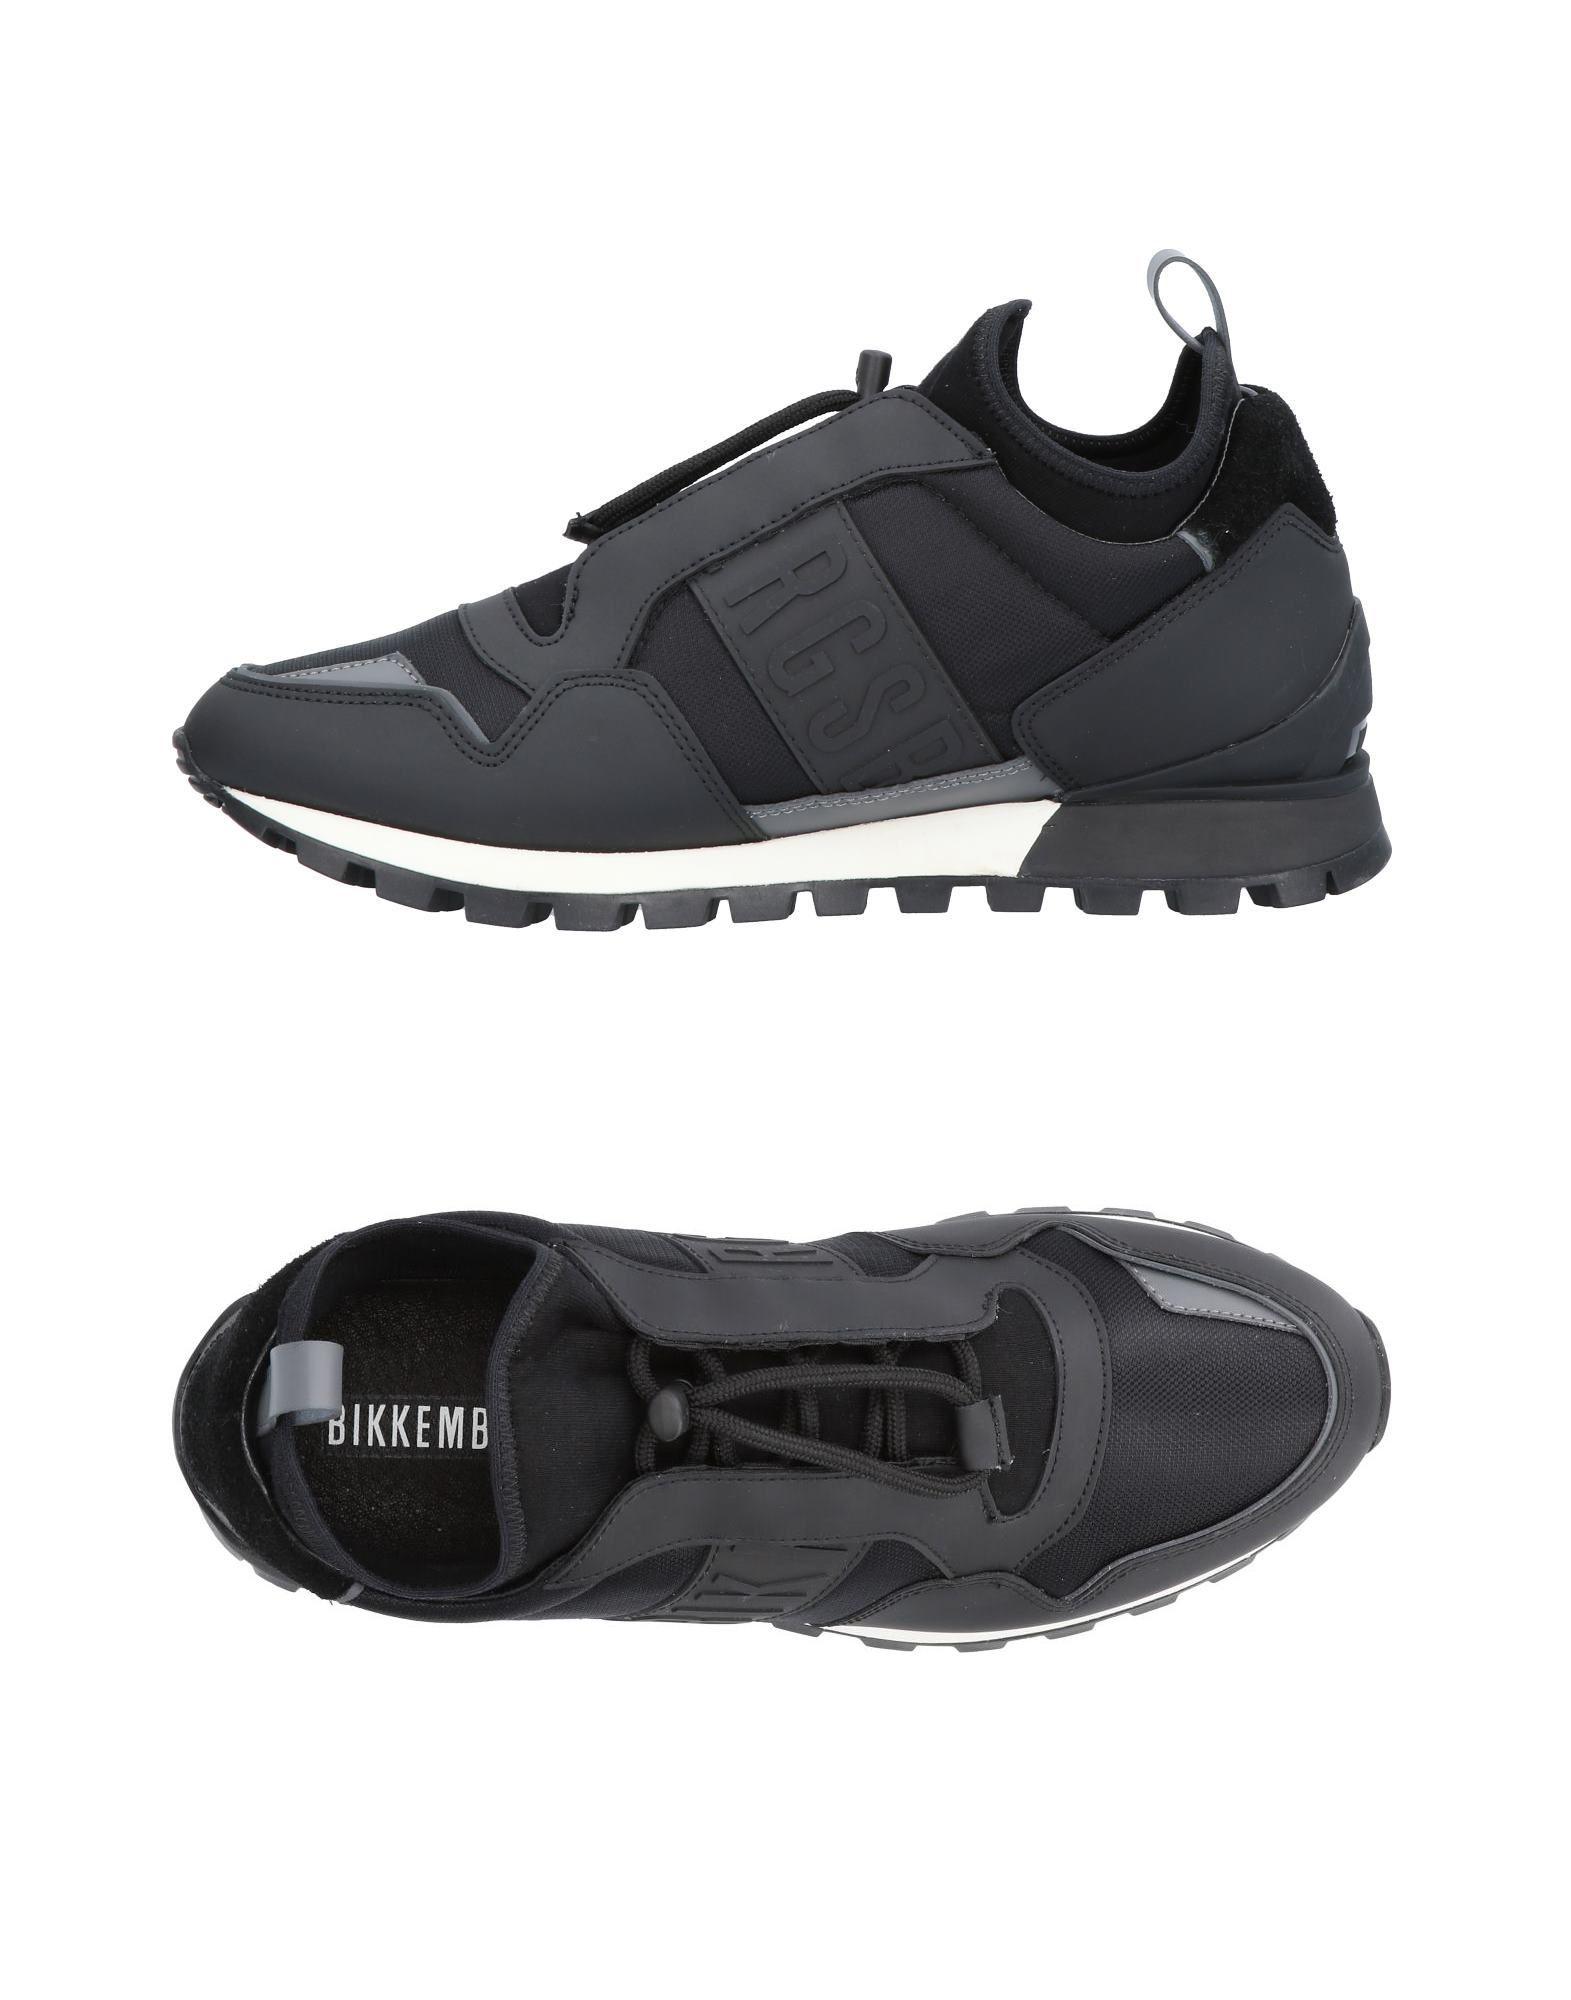 Sneakers Bikkembergs Uomo - 11449949DK Scarpe economiche e buone